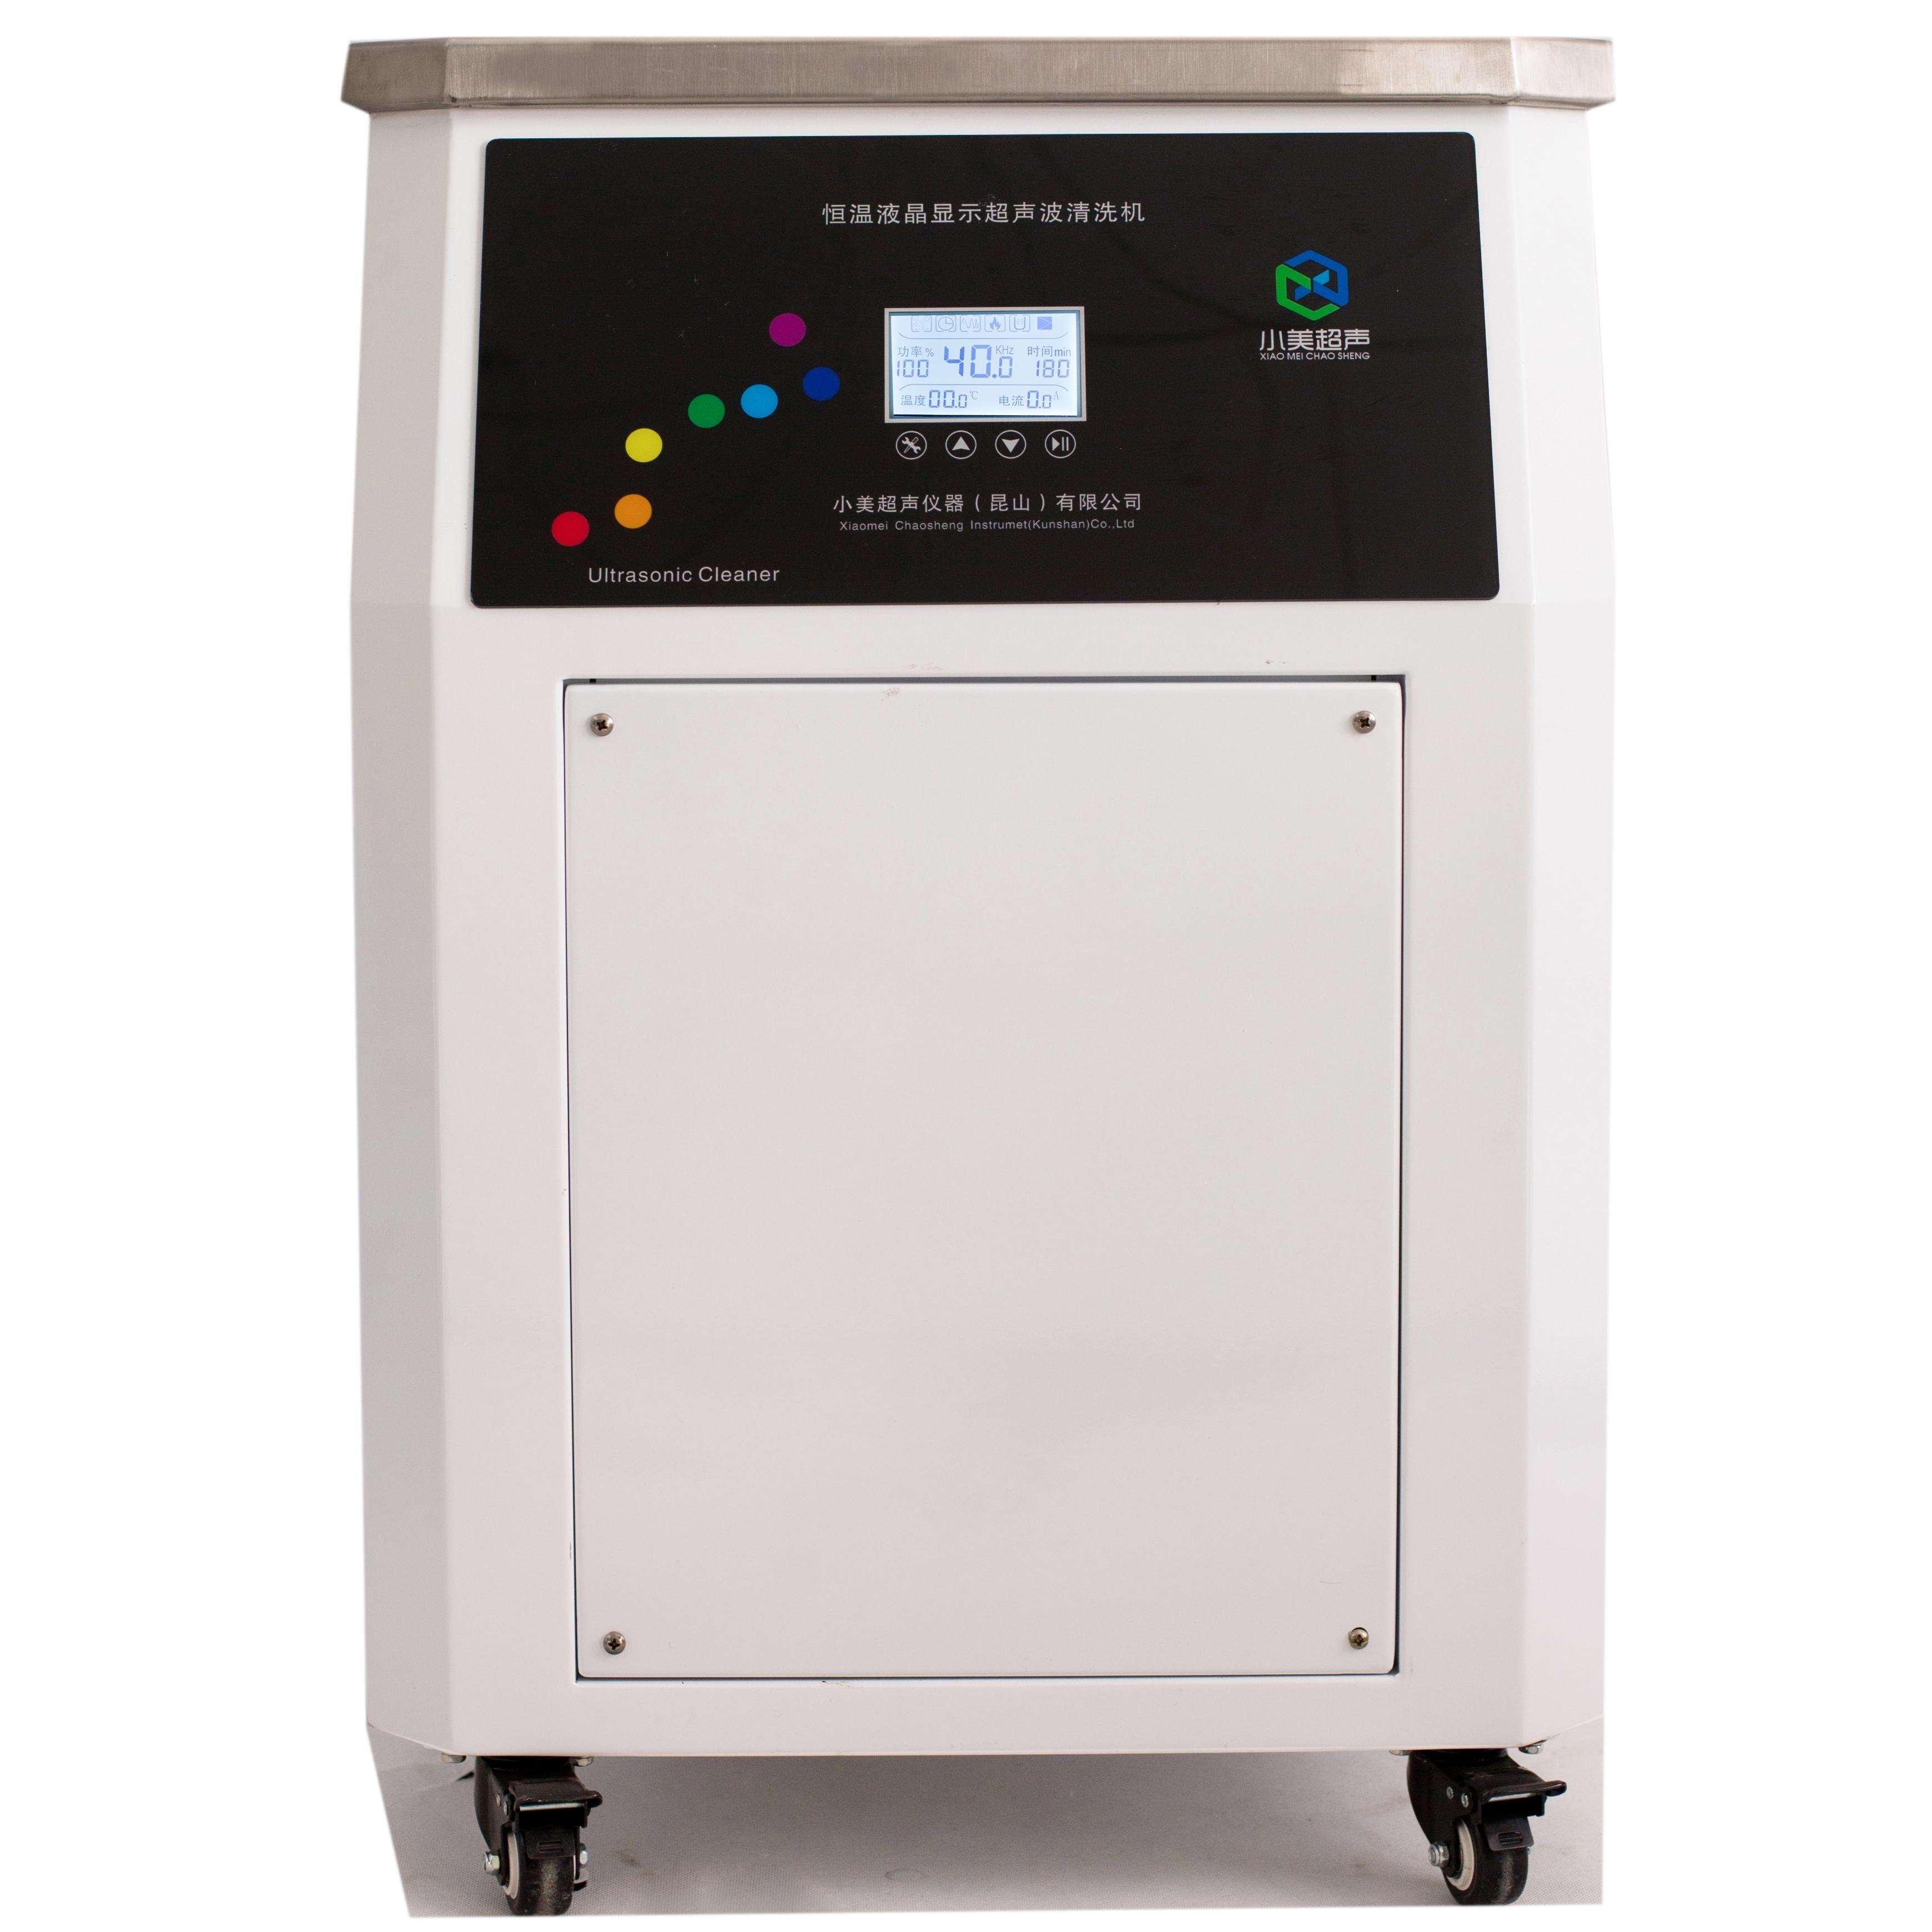 智能恒温超声波清洗机